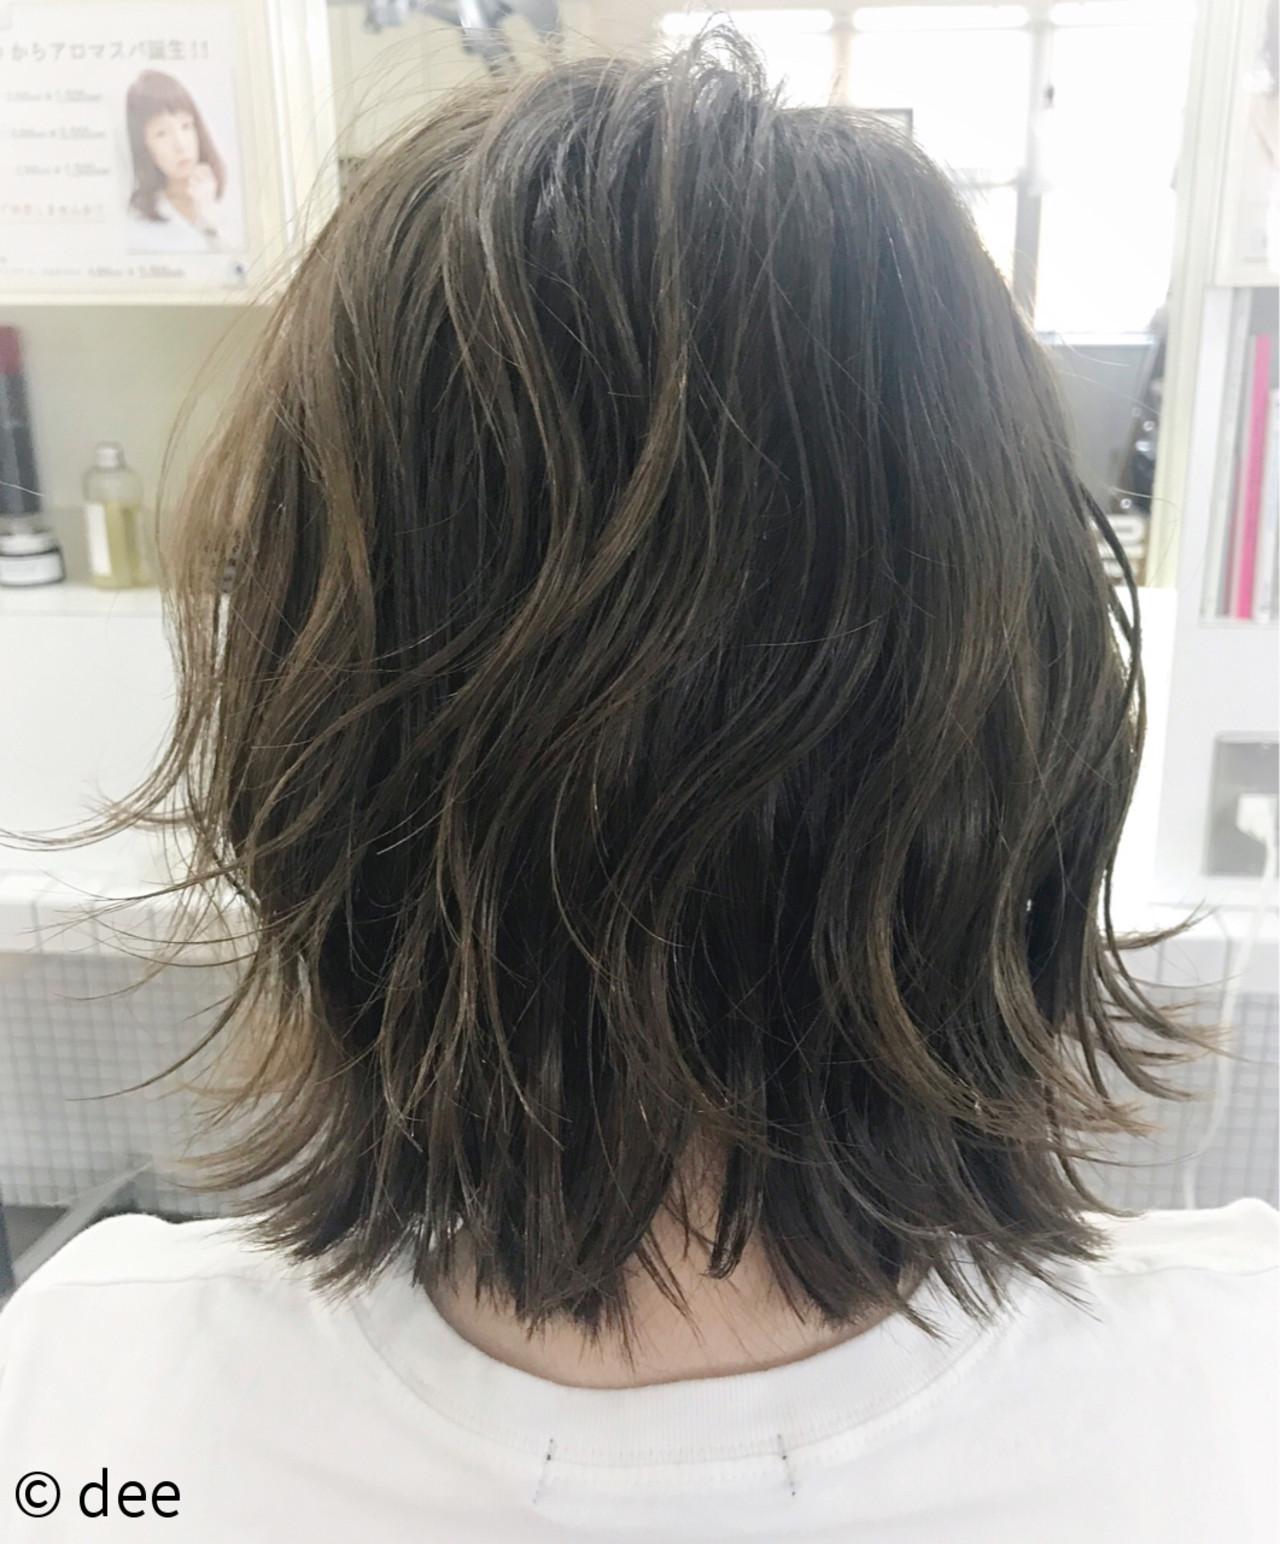 癖を生かした髪型は鉄板スタイル! dee